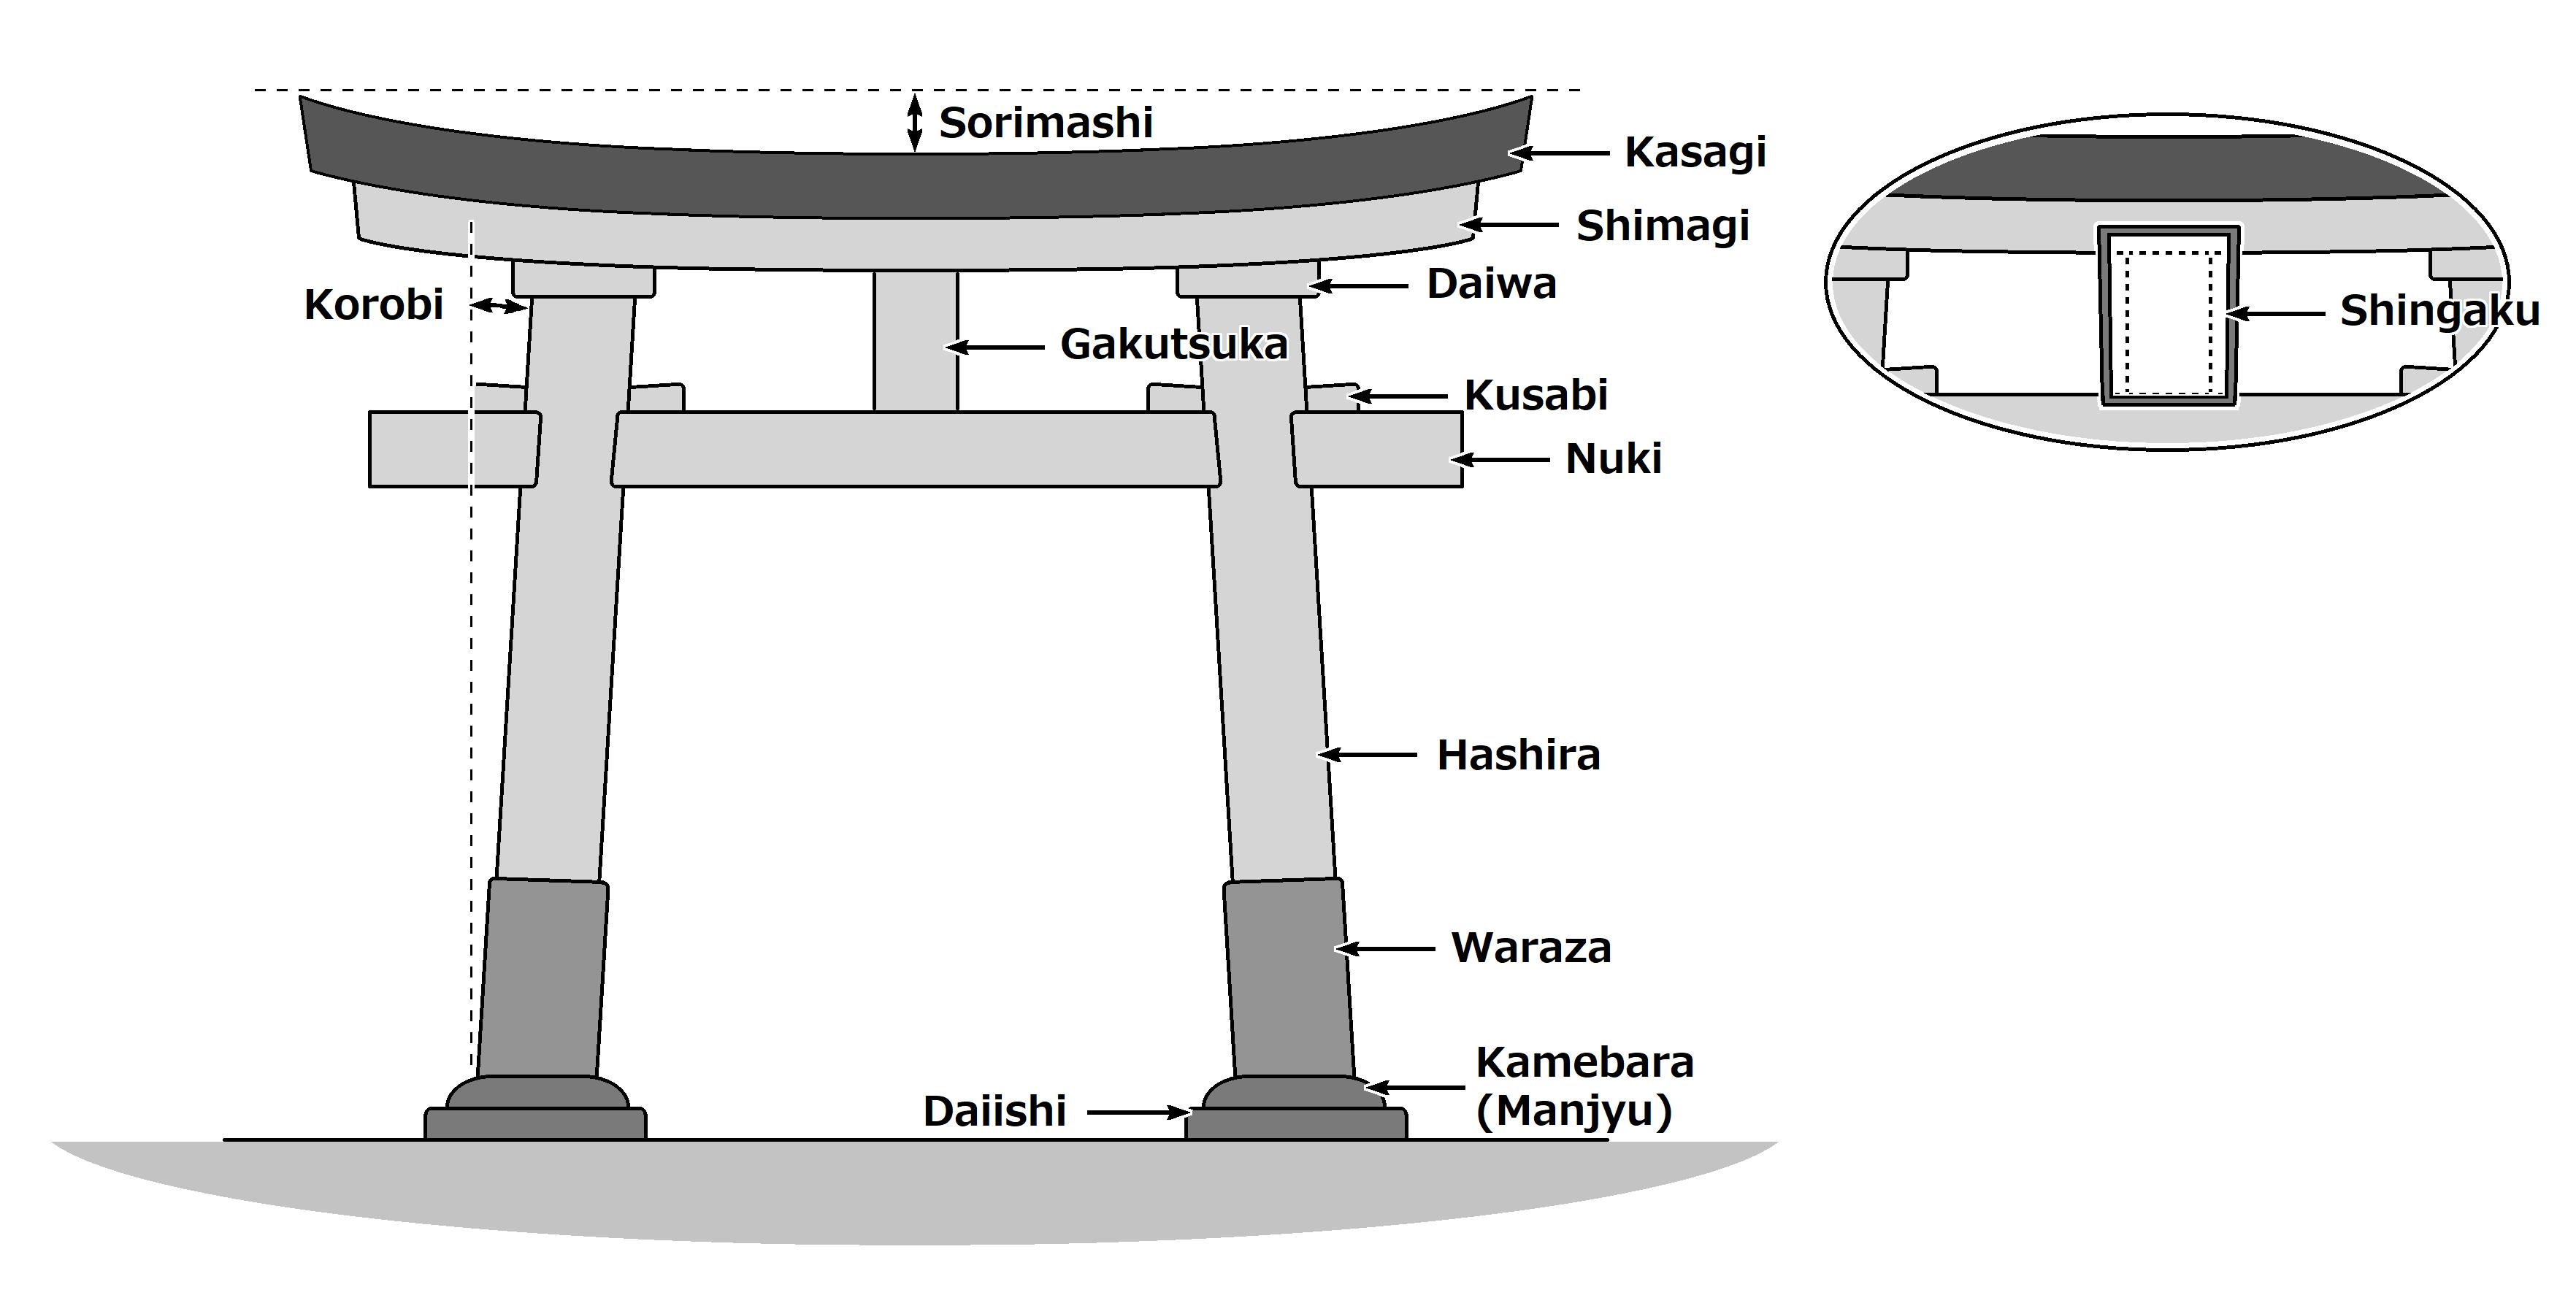 鳥居の基本構造(The Structures of Torii)